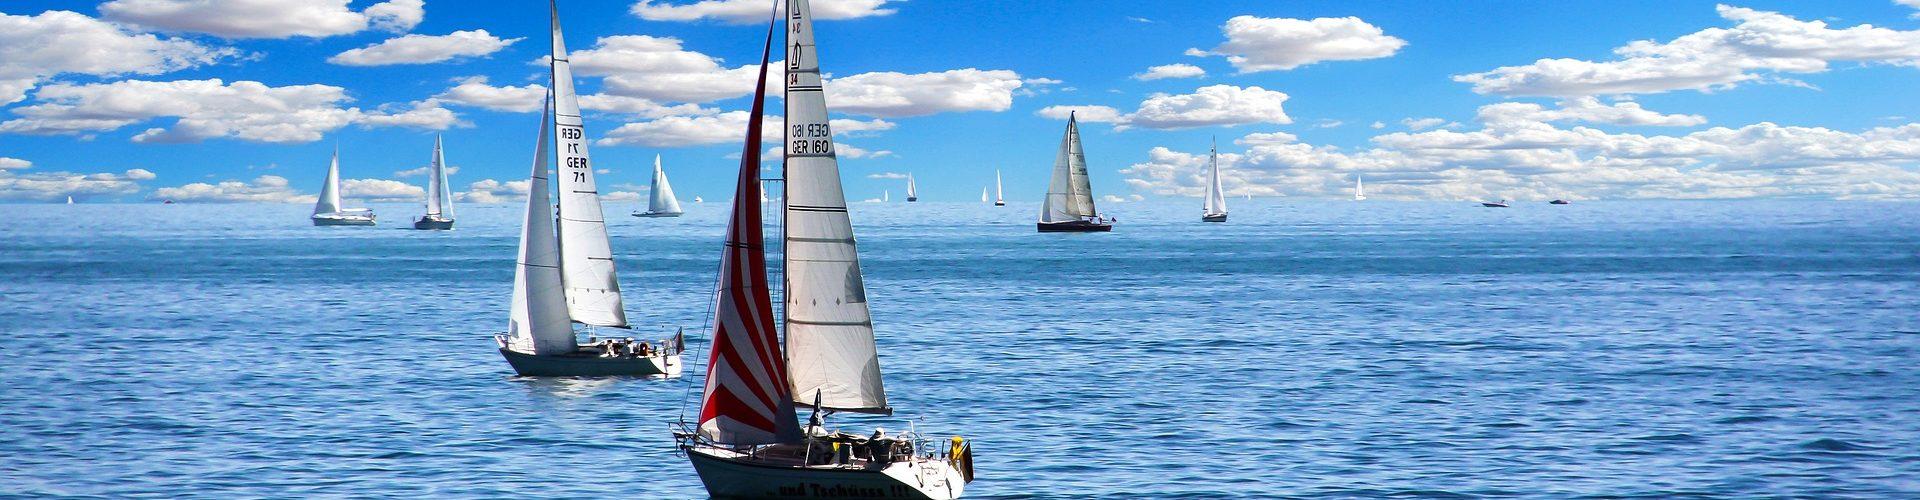 segeln lernen in Erlensee segelschein machen in Erlensee 1920x500 - Segeln lernen in Erlensee